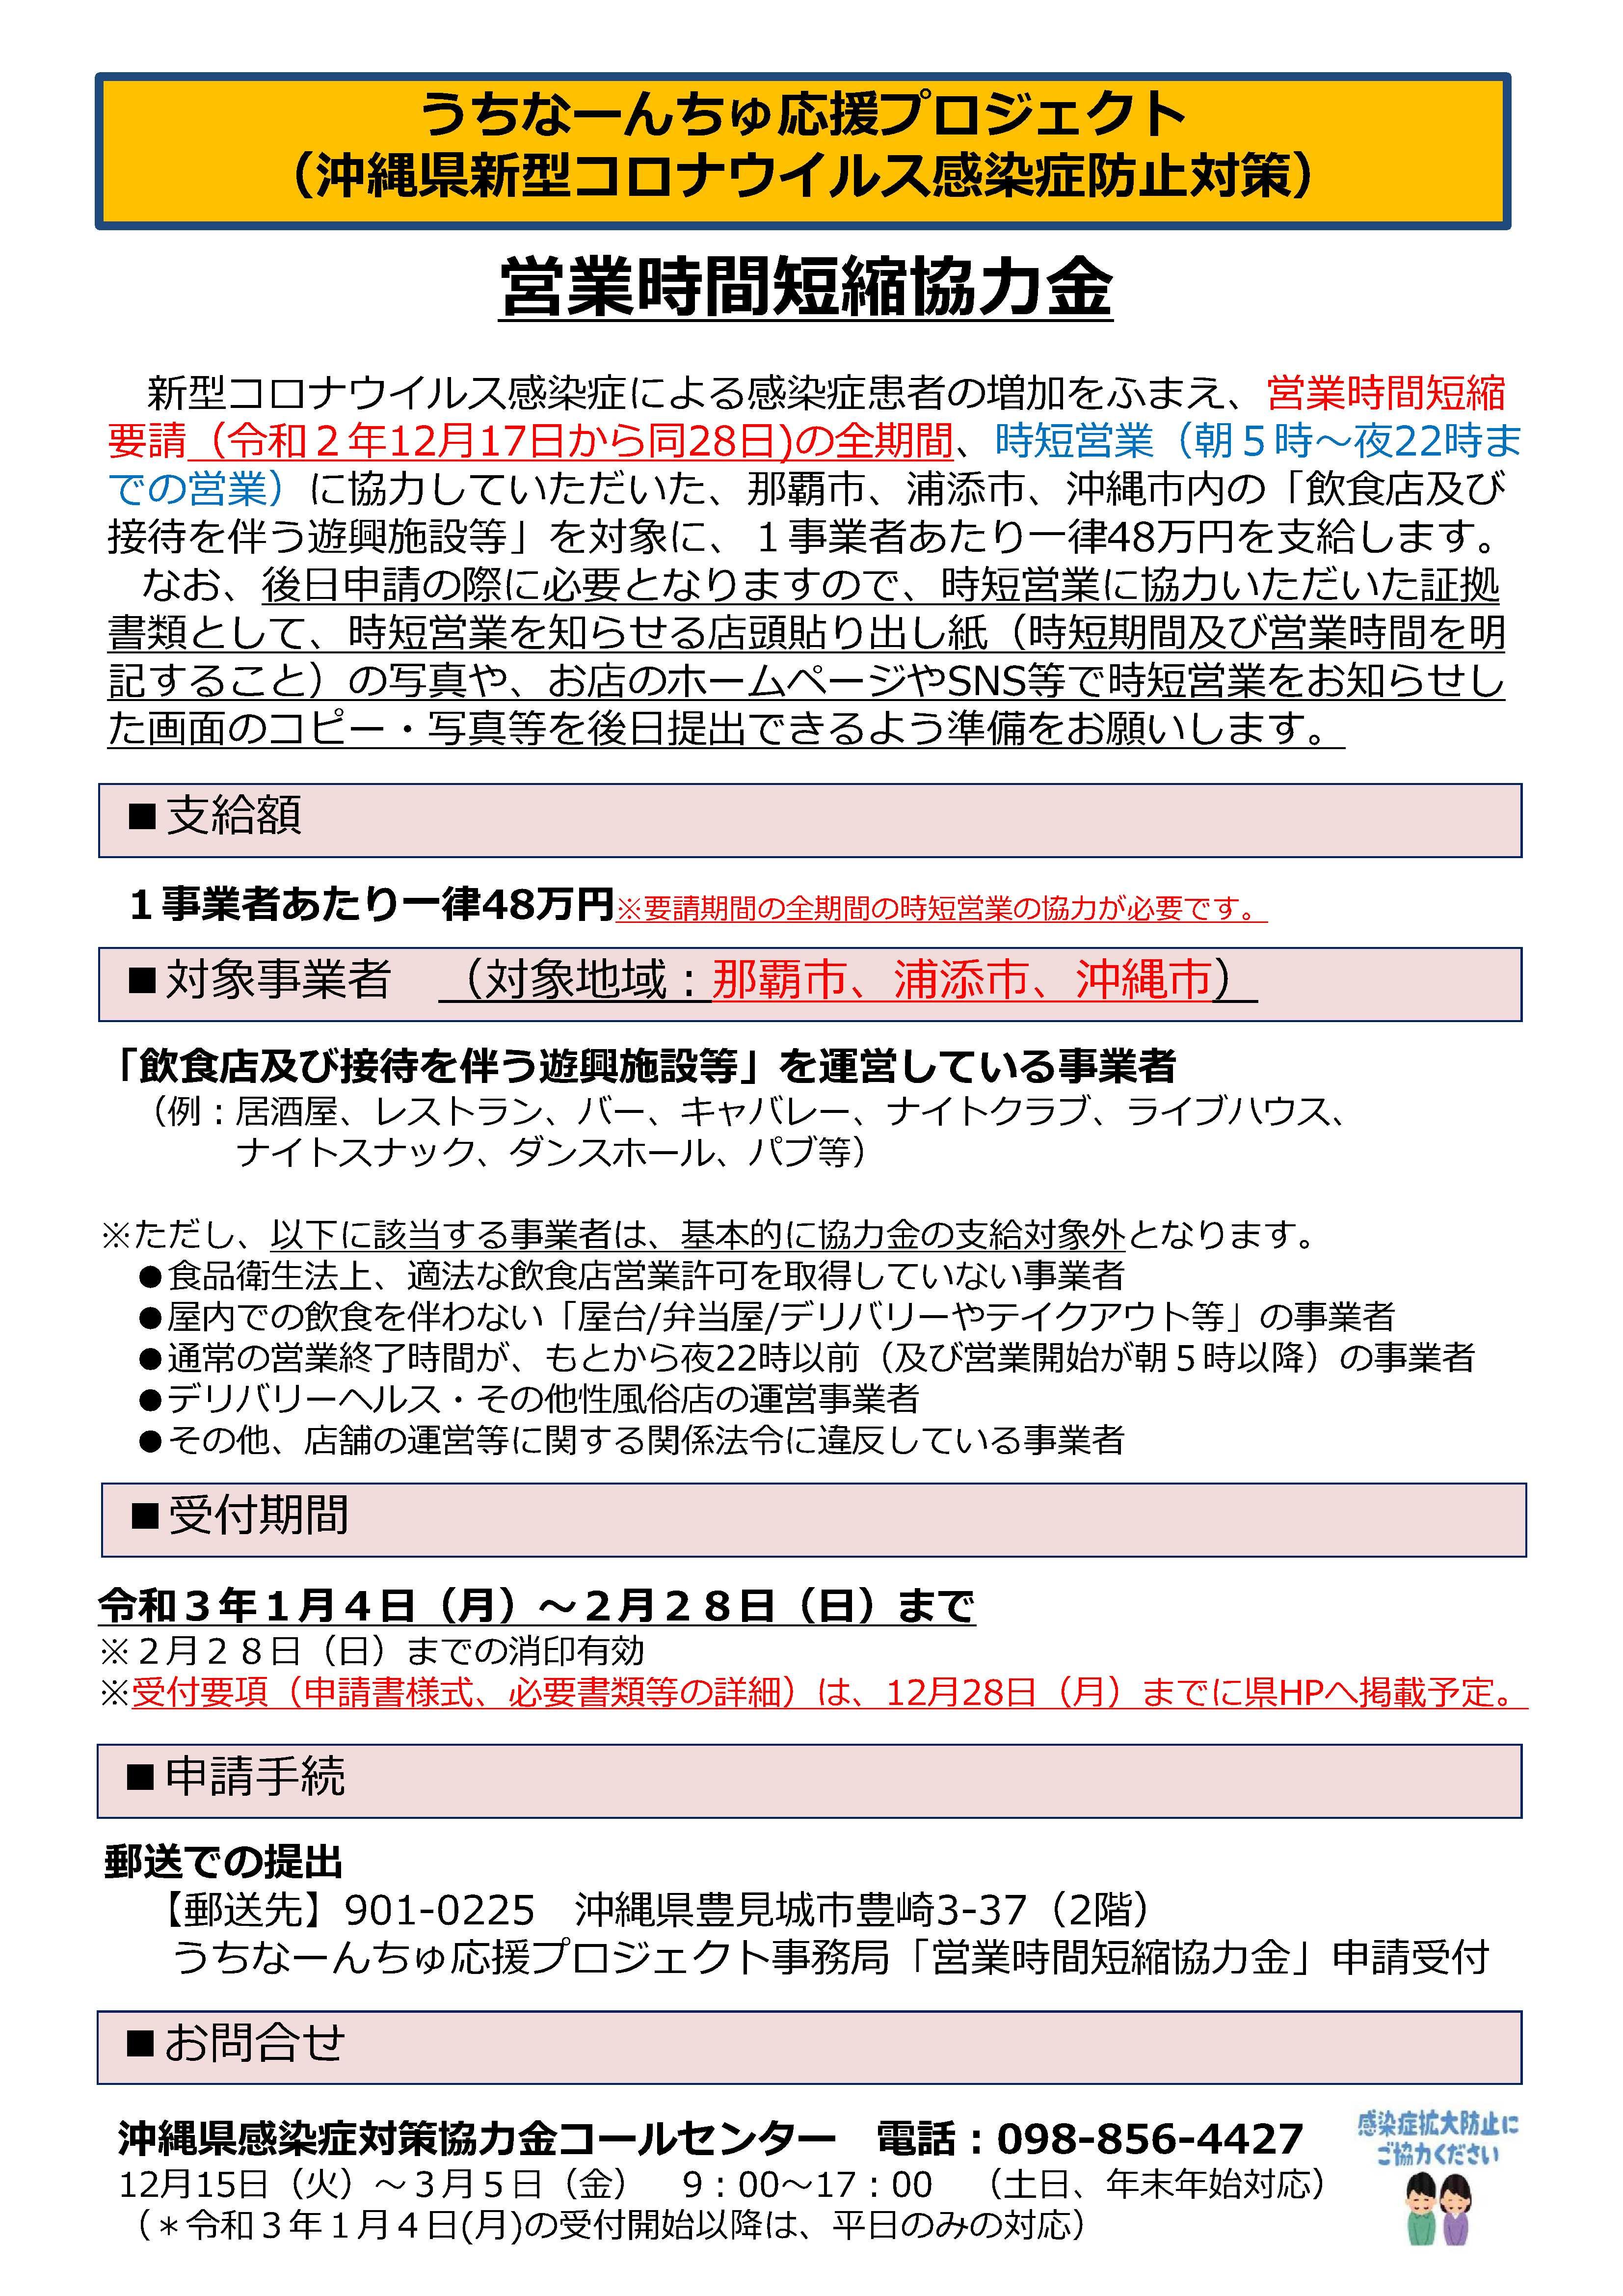 """営業 協力 金 時短 """"時短協力金""""大阪で約3割が未支給のまま…行政が作り出した「正直者がバカを見る」構造(ABEMA TIMES)"""